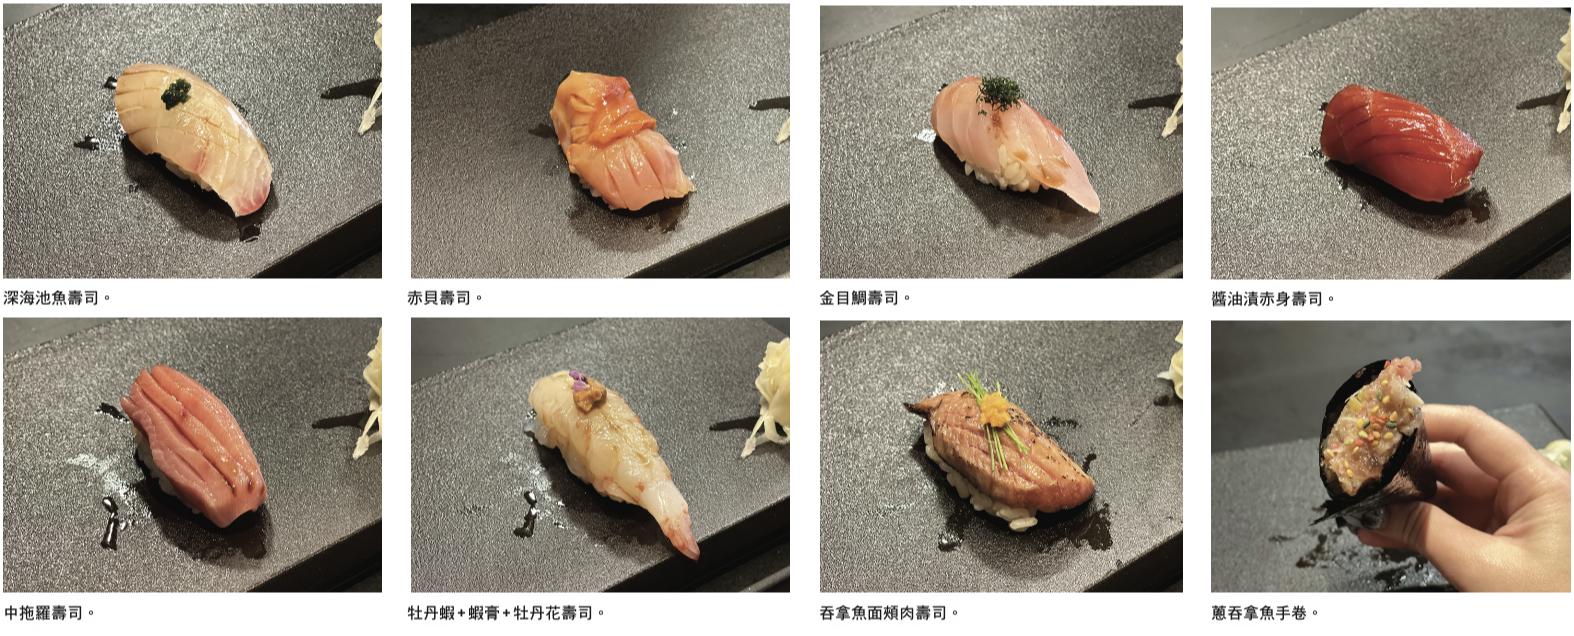 壽司方面有八款,另外有一款手卷。(Siu Shan提供)